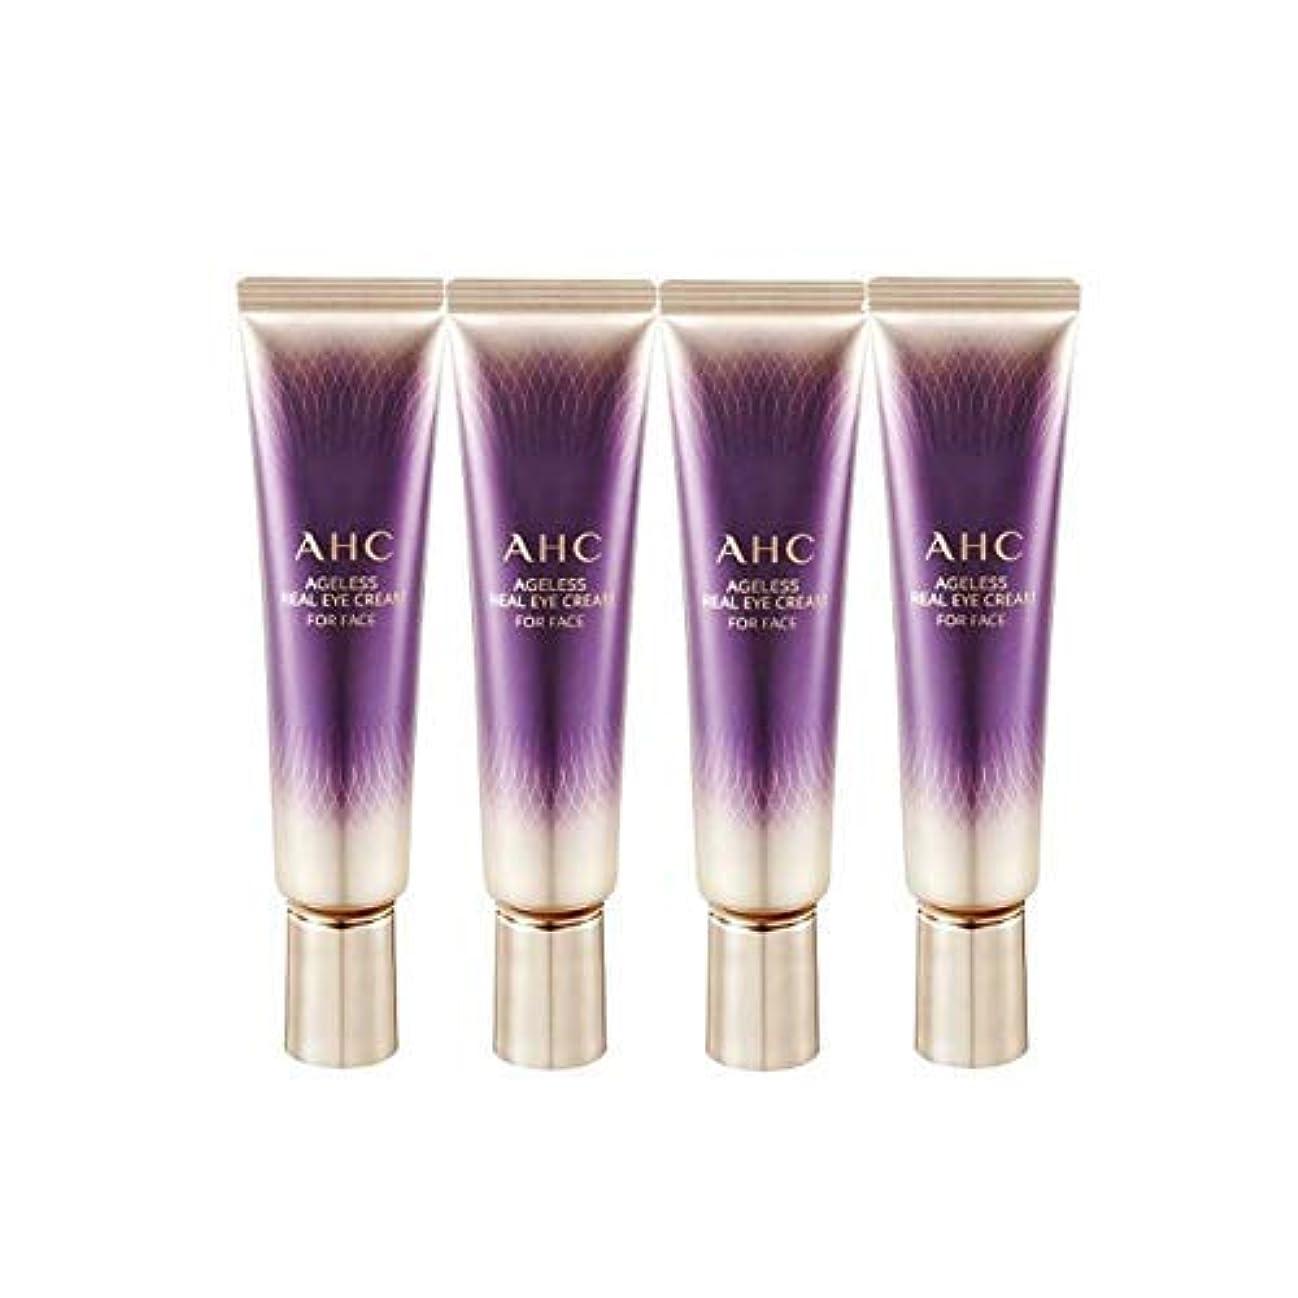 広々とした収益パラシュートAHC 2019 New Season 7 Ageless Real Eye Cream for Face 1 Fl Oz 30ml x 4 Anti-Wrinkle Brightness Contains Collagen